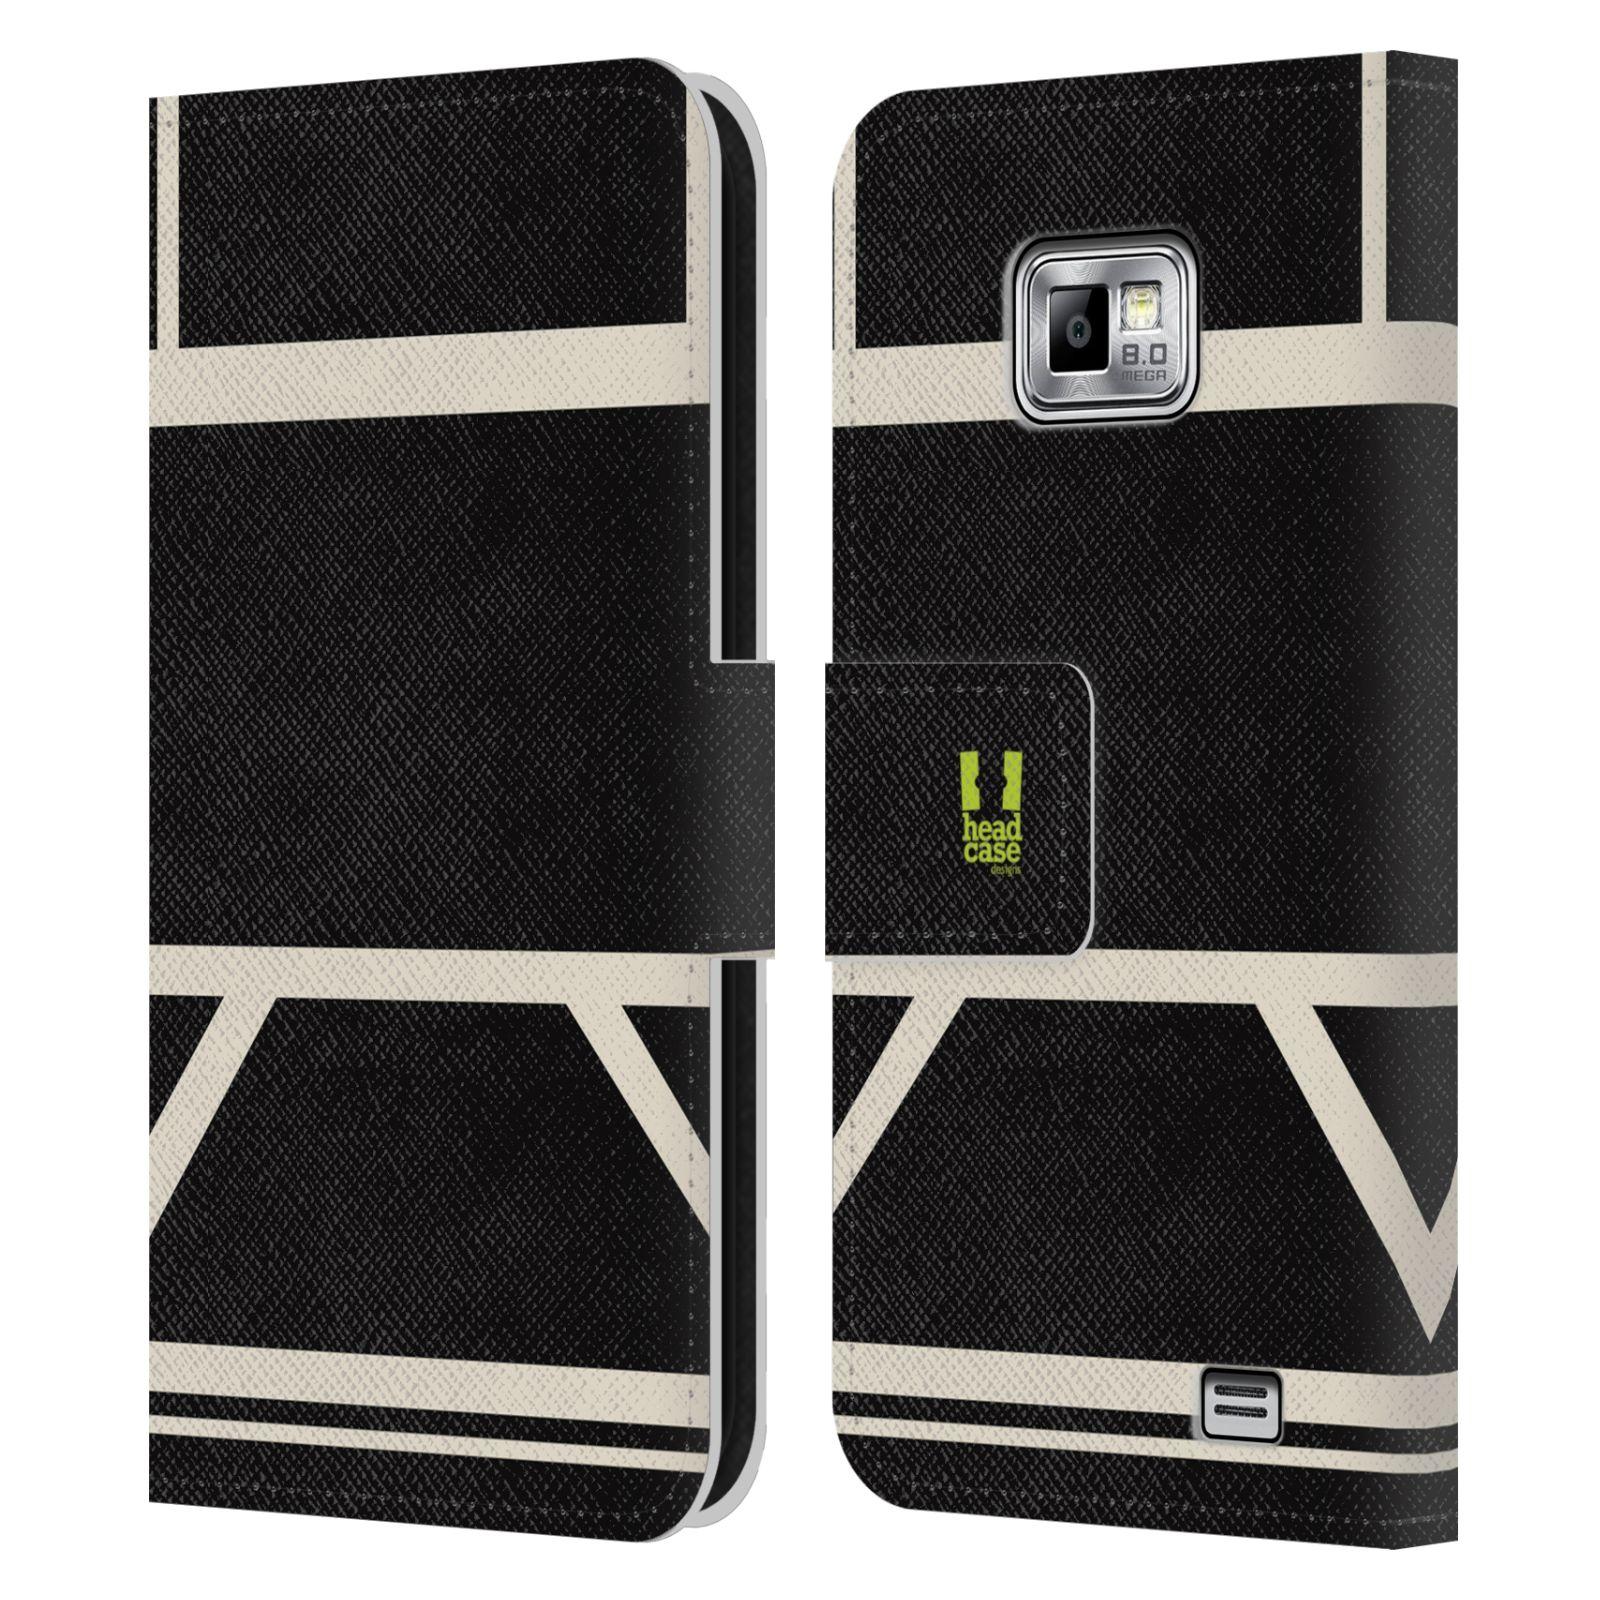 HEAD CASE Flipové pouzdro pro mobil Samsung Galaxy S2 i9100 barevné tvary černá a bílá proužek